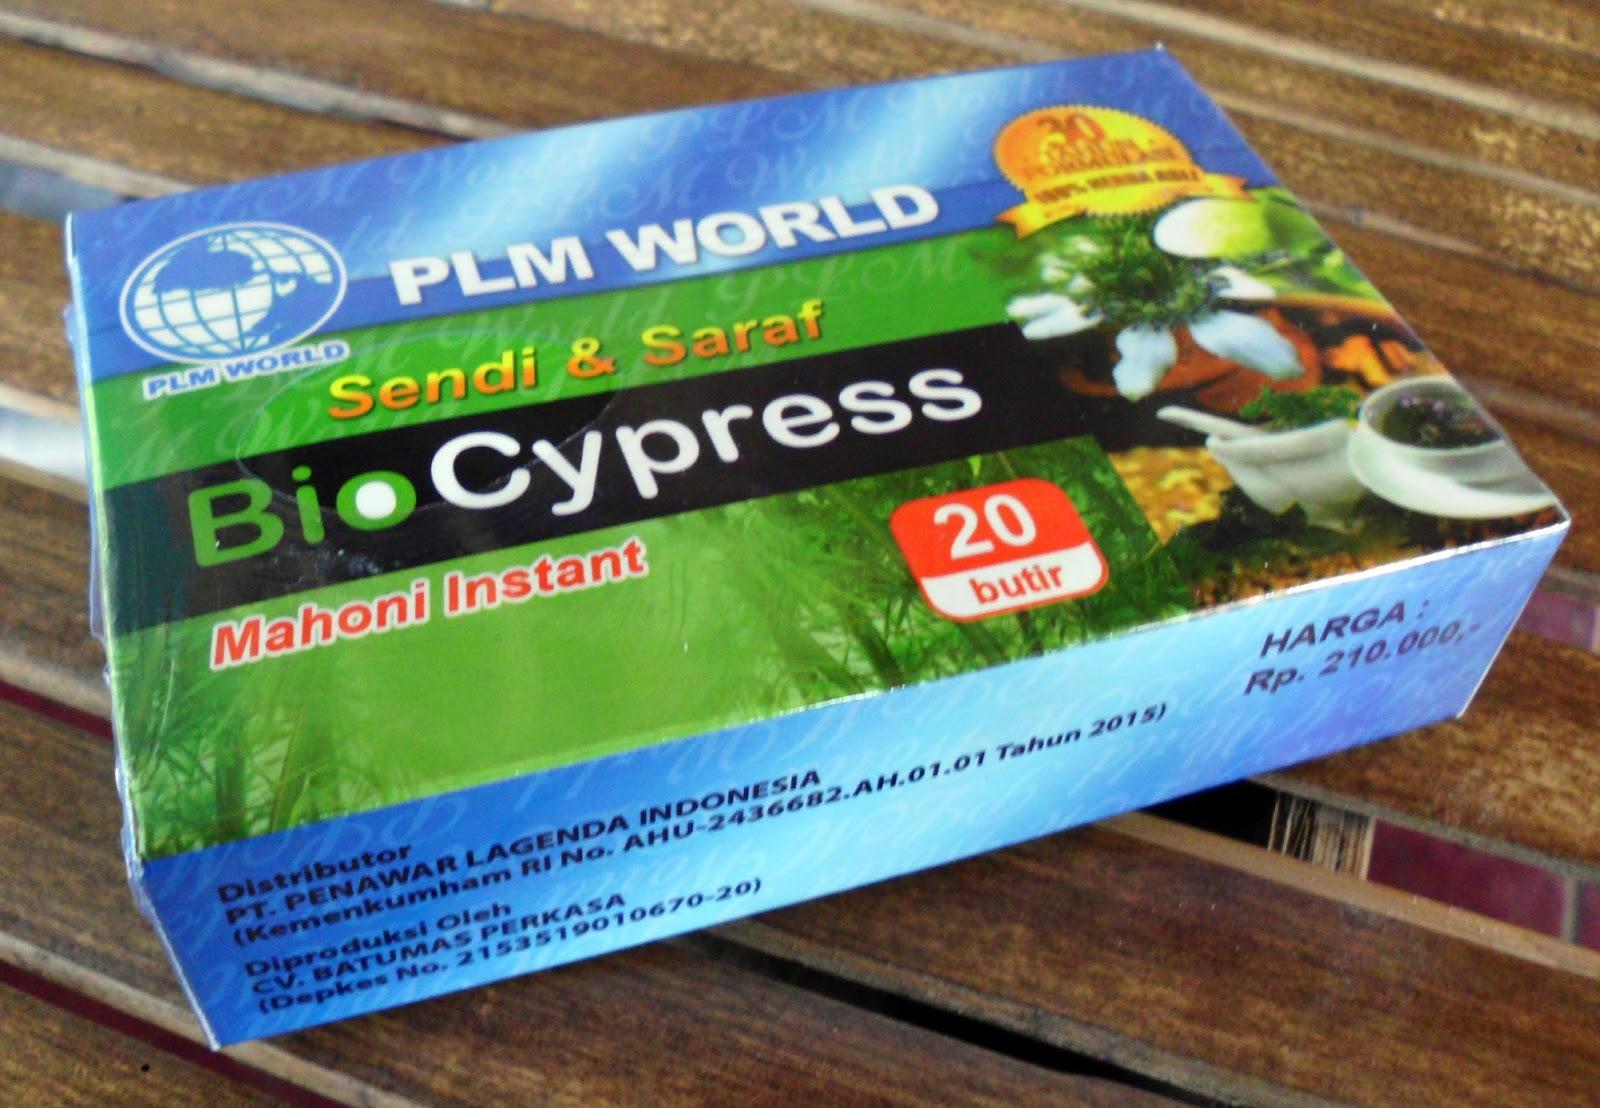 Sekilas Info Biocypress Mahoni Instant Bio Cypress Obat Sakit Sendi Dan Saraf Sirkulasi Darah Menghilangkan Sumbatan Pada Saluran Meridian Tubuh Sehingga Sangat Membantu Untuk Mengatasi Keluhan Nyeri